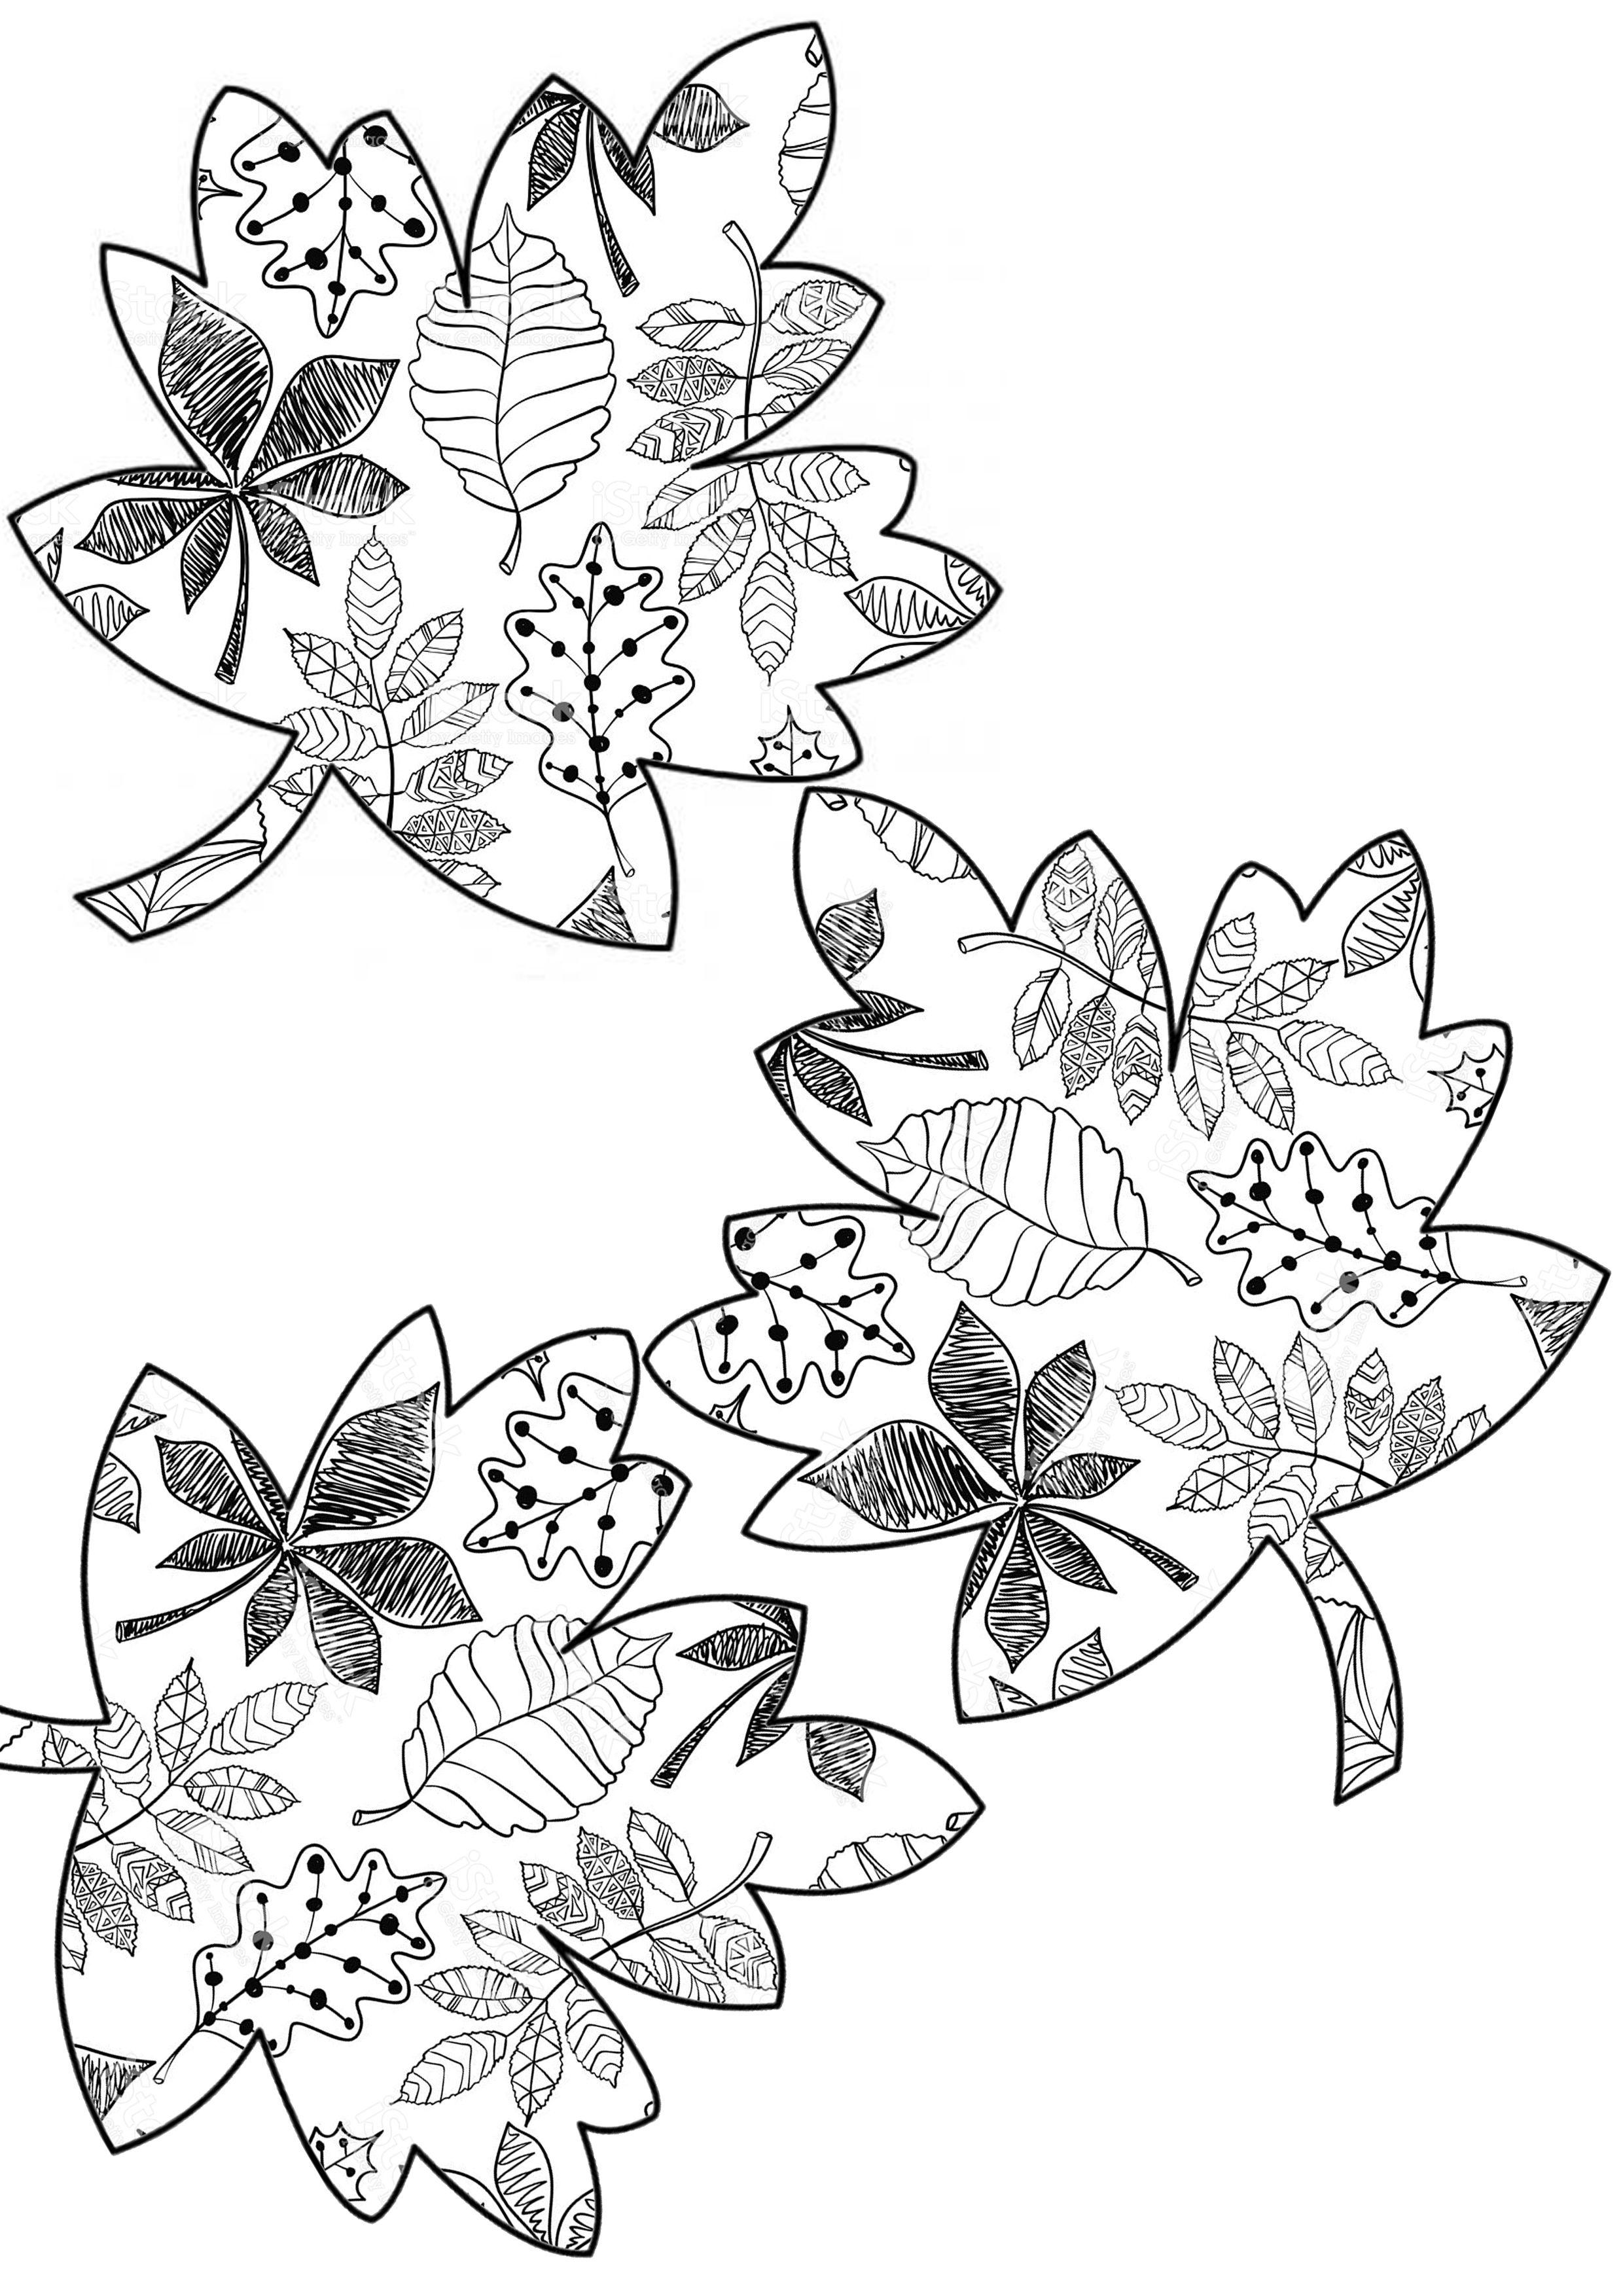 Pin de semra sevil en sonbahar | Pinterest | Otoño